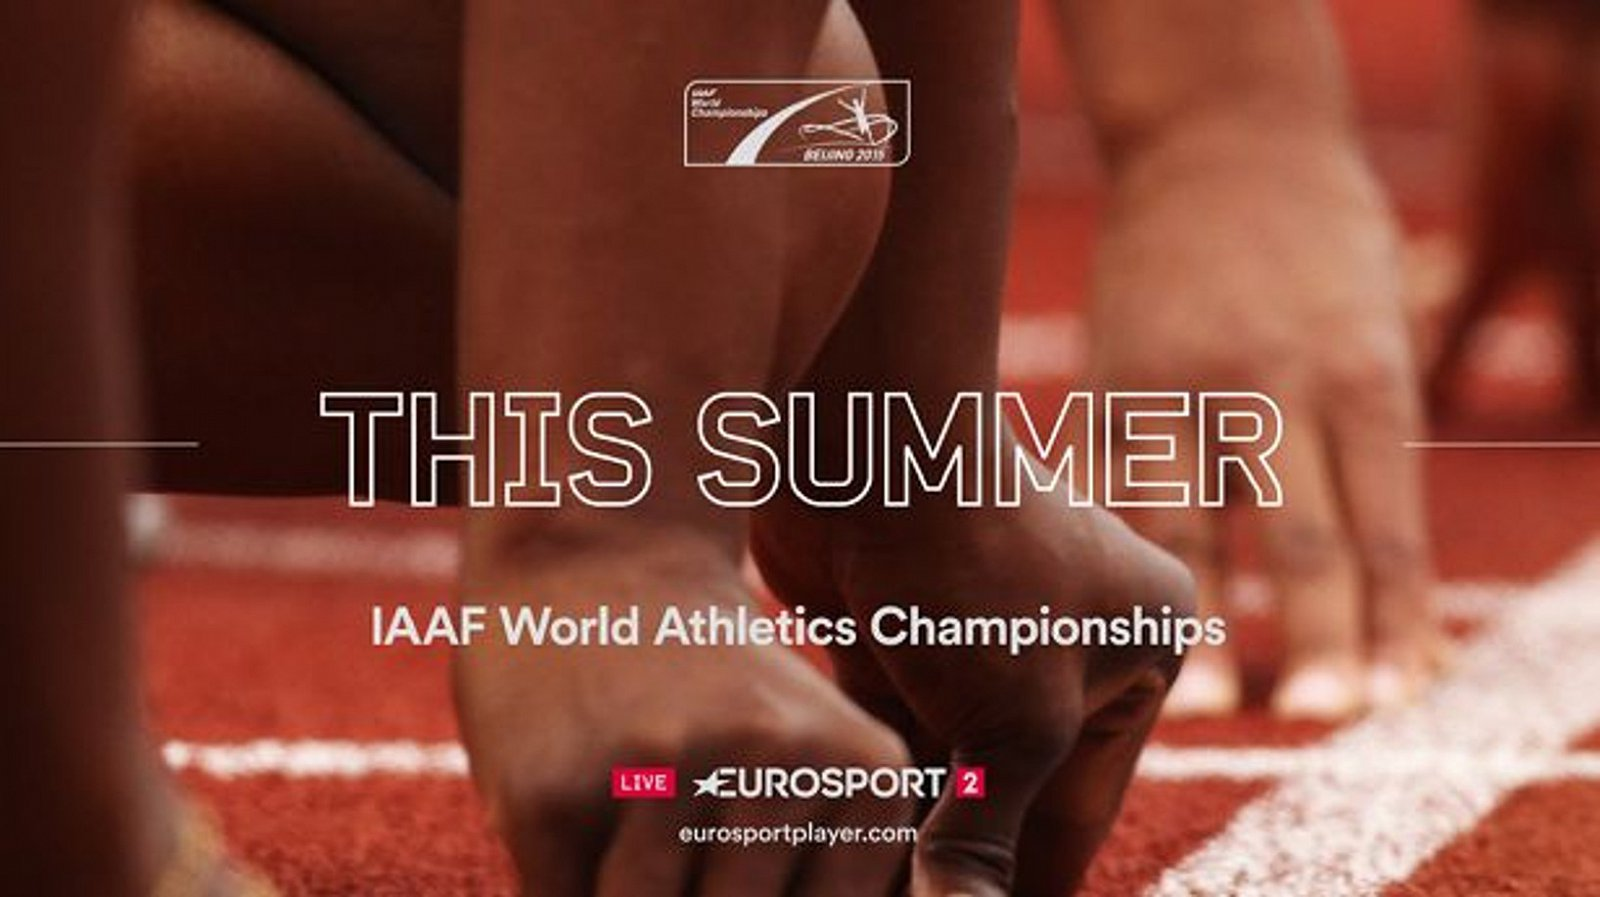 Nová vizuální identita kanálů Eurosport